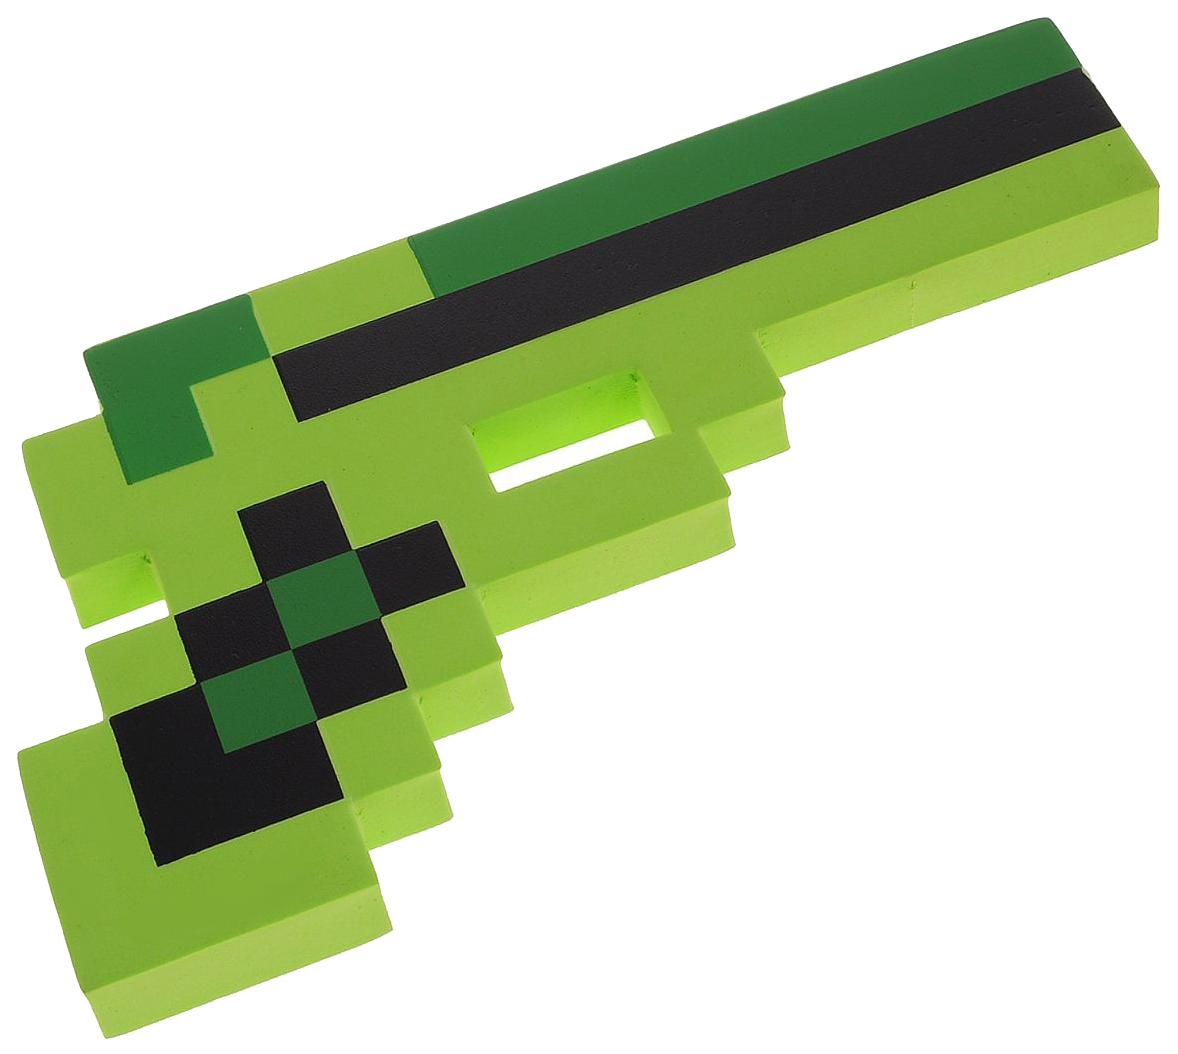 Купить Игровой набор Пистолет Пиксельный Зеленый 24См, Minecraft,